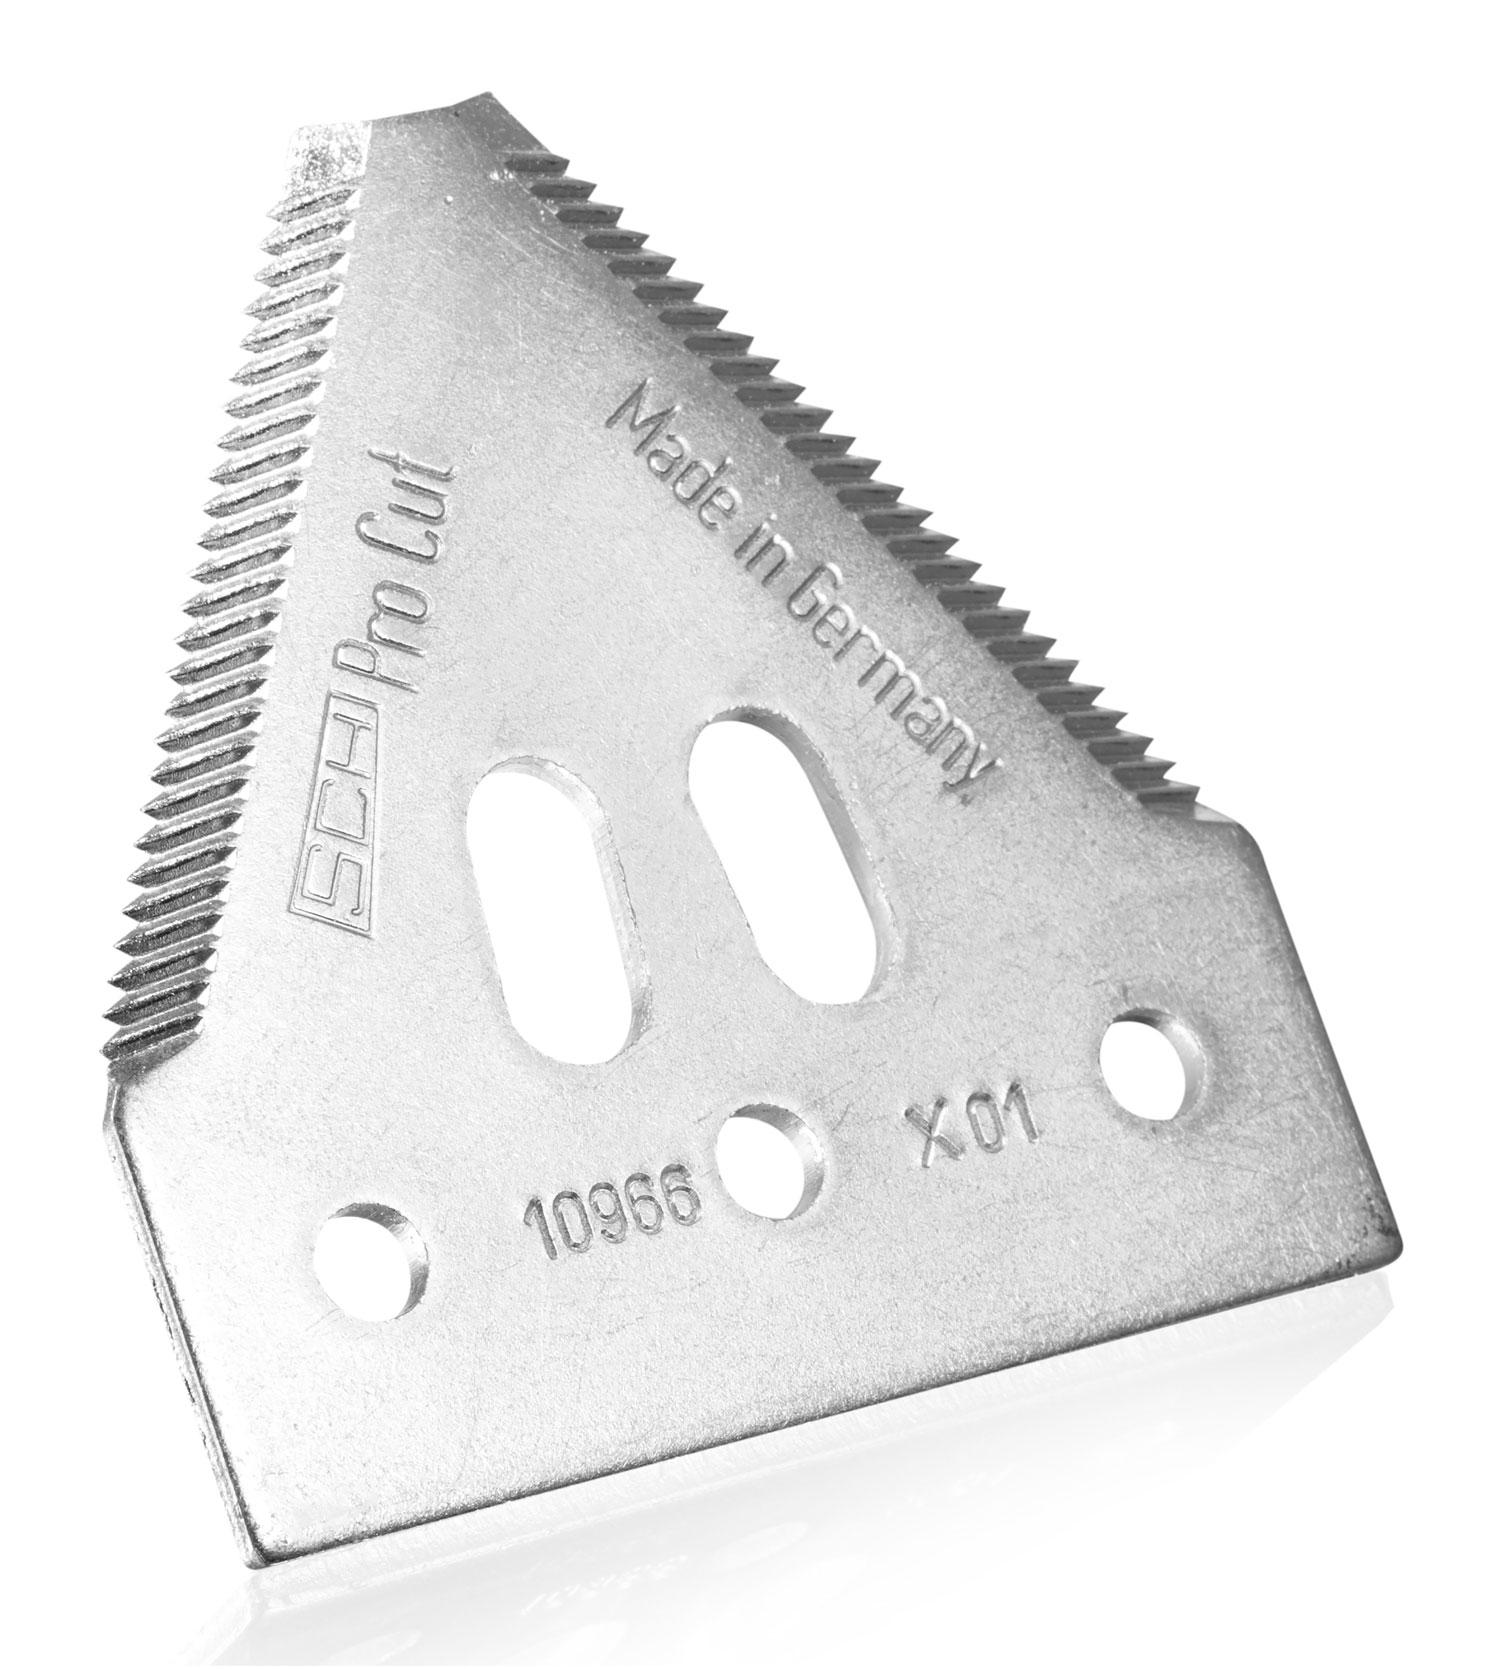 seccion pro cut- shumacher